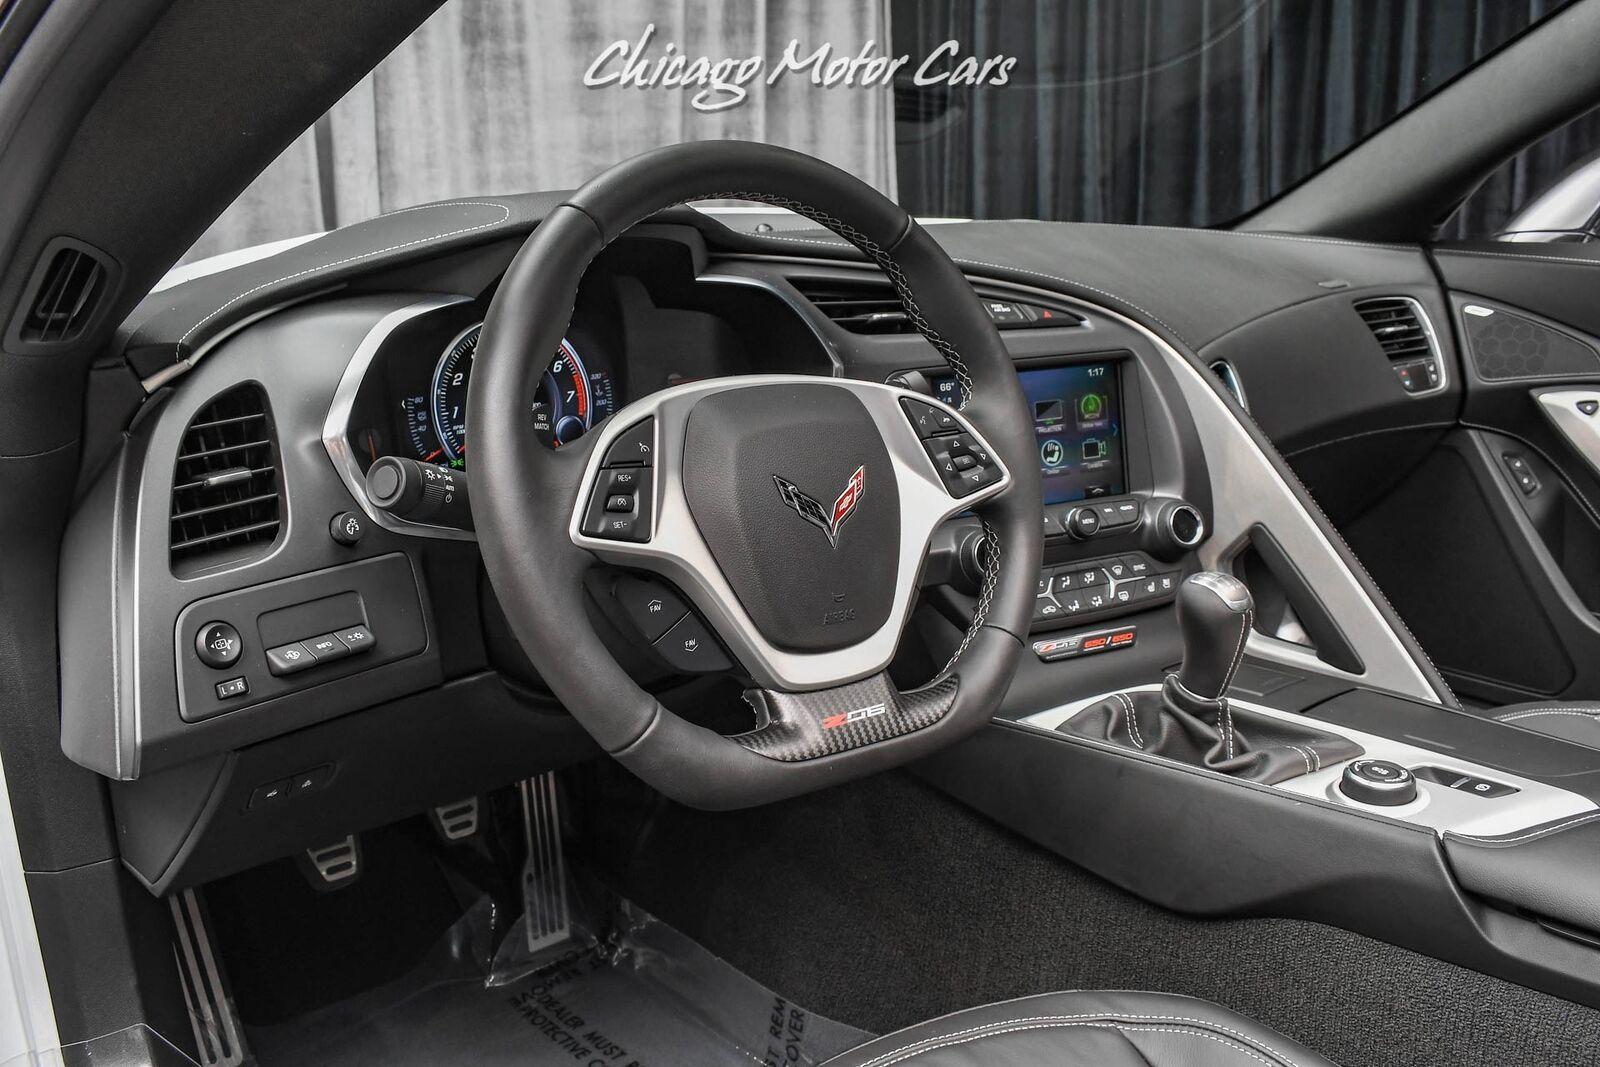 2019 White Chevrolet Corvette Z06 2LZ   C7 Corvette Photo 8